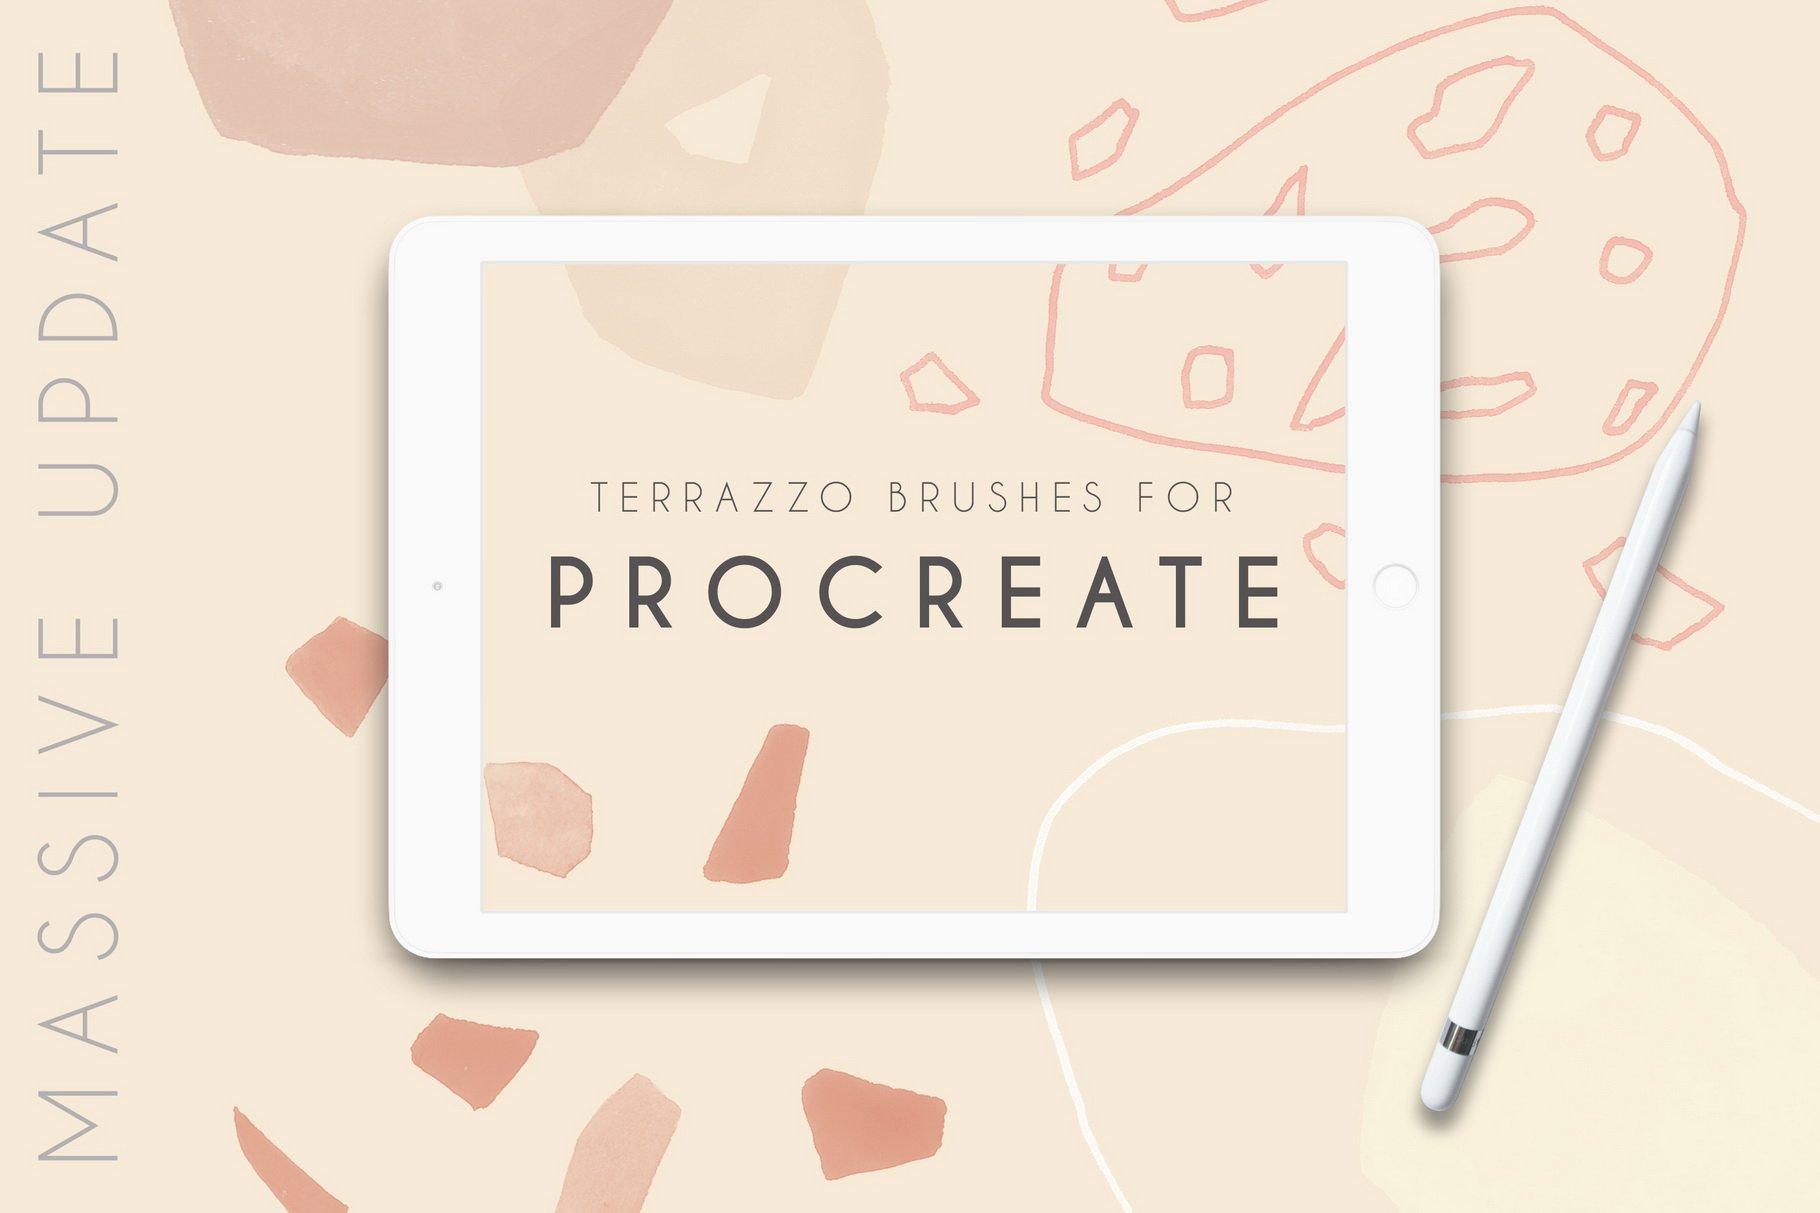 100款现代抽象石头几何图案PS水彩印章笔刷 Terrazzo Photoshop Brushes插图(7)